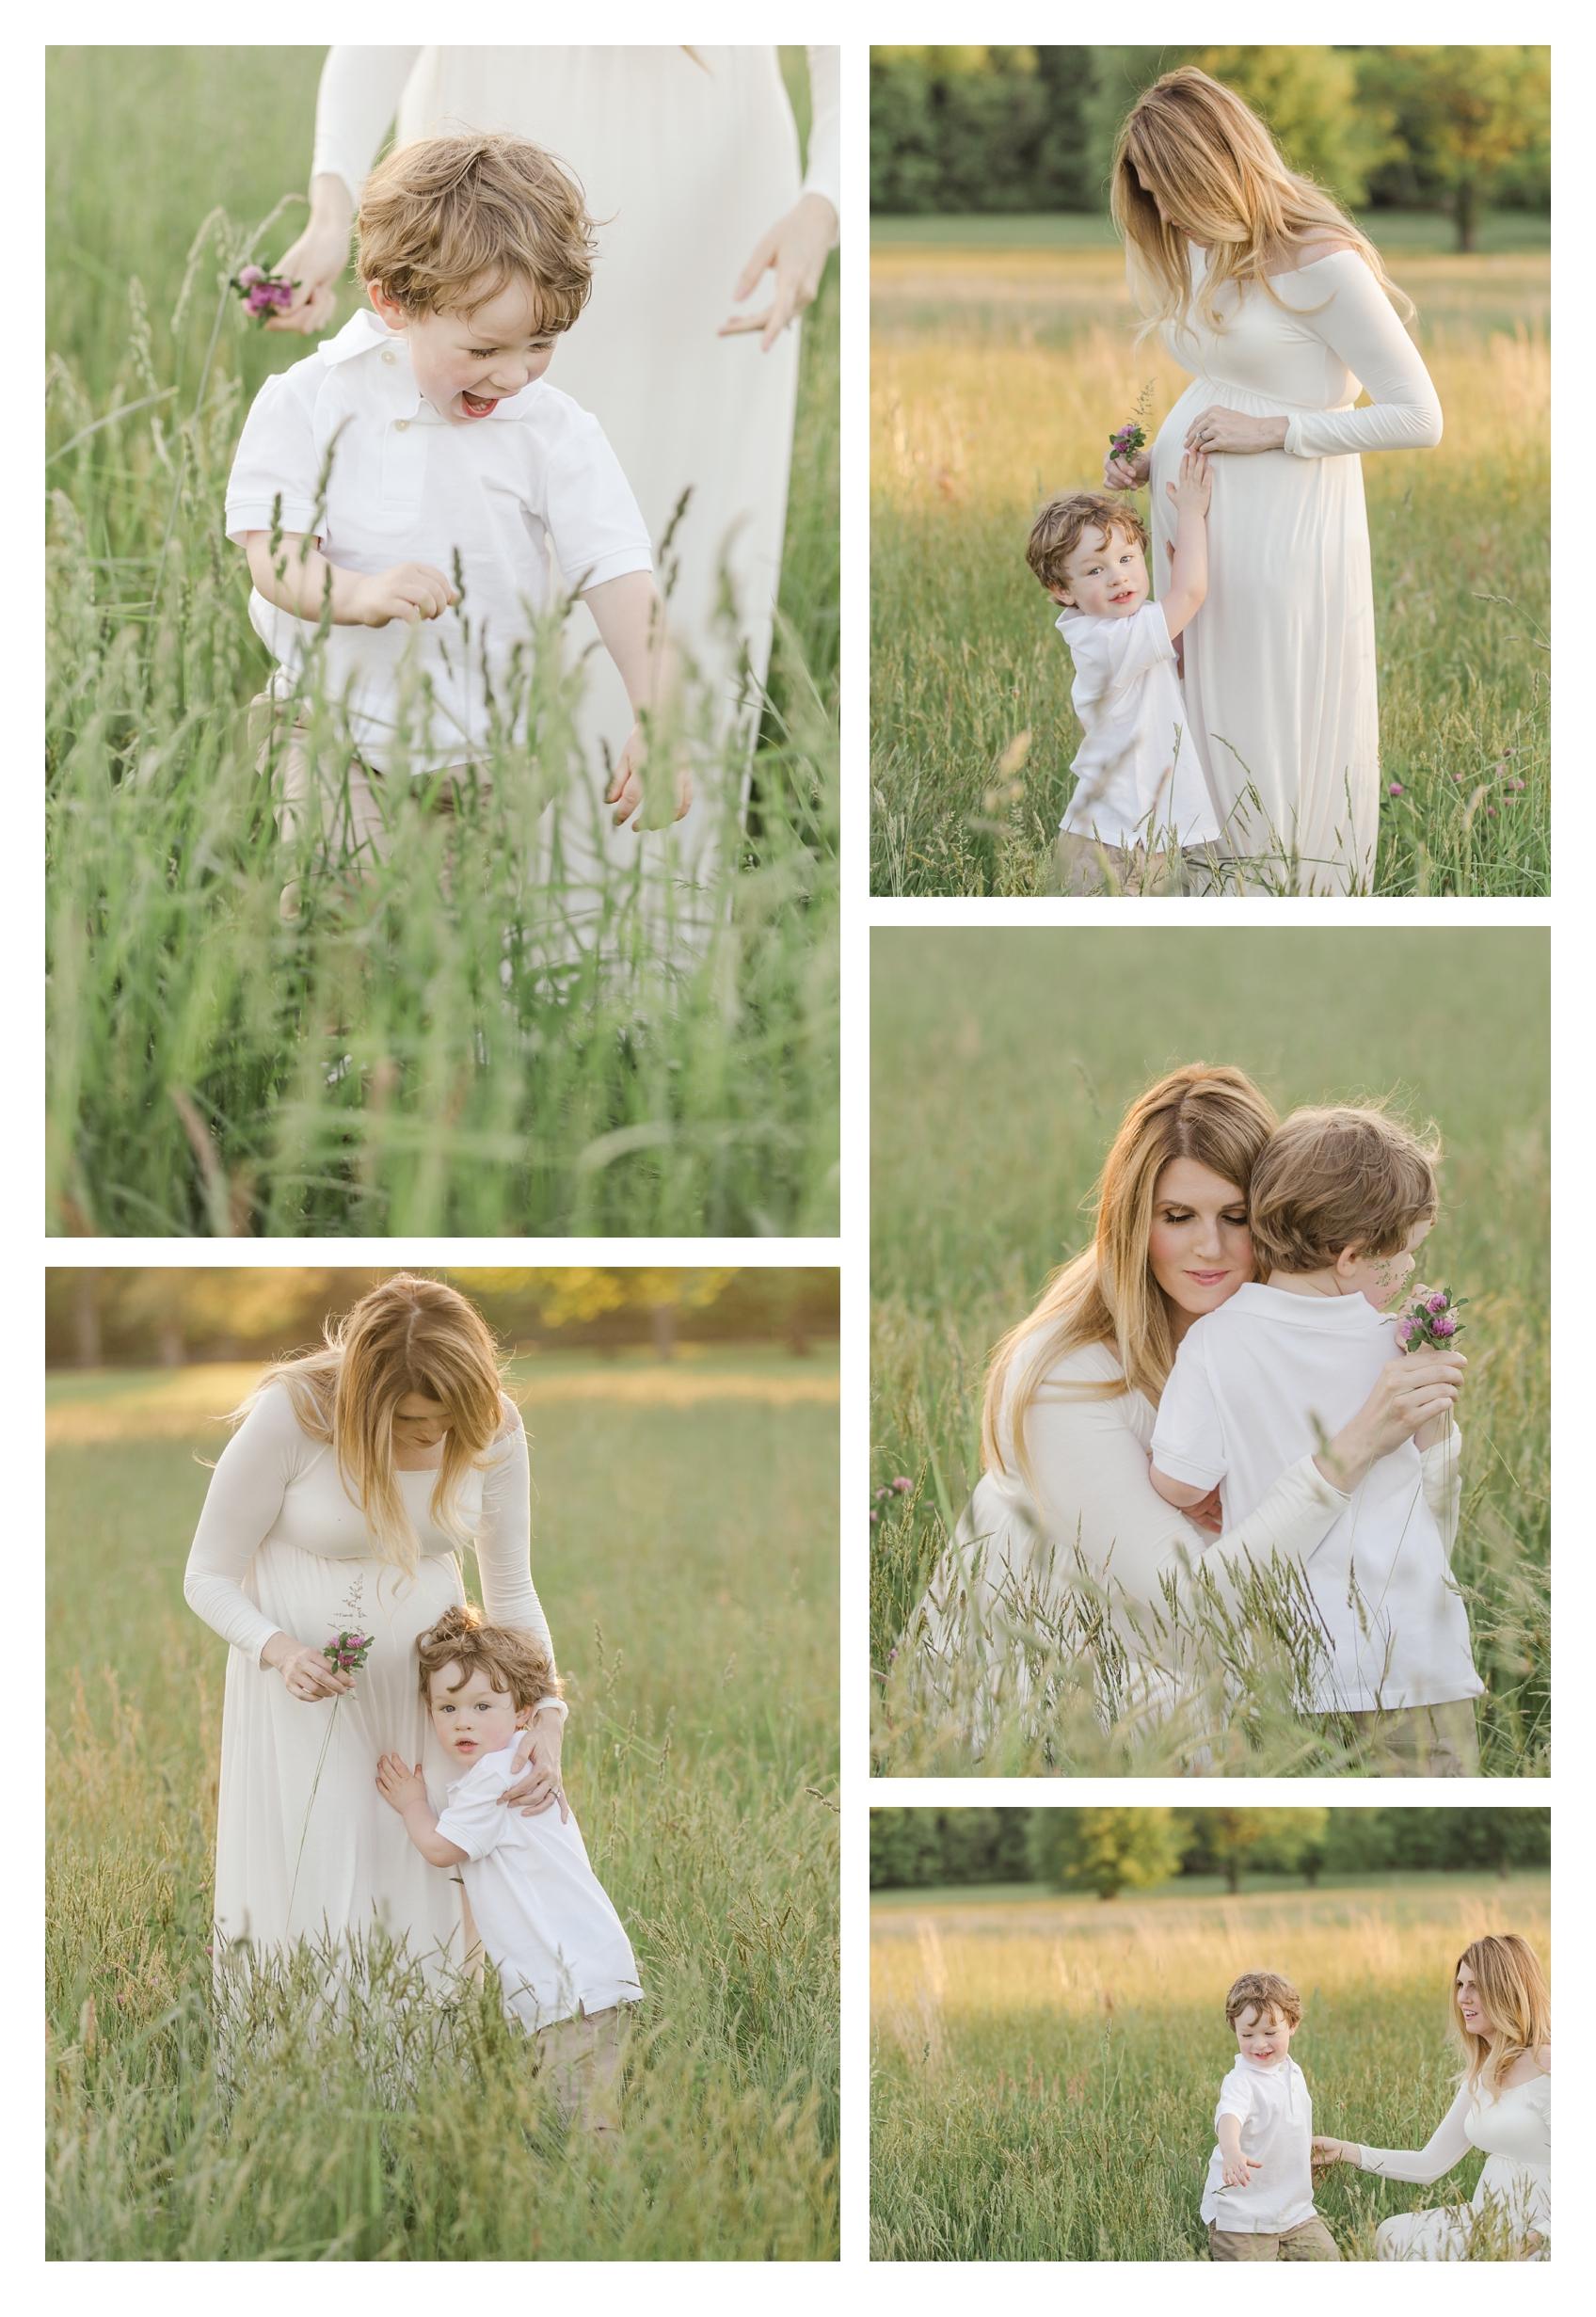 maternityphotographe-siblingphotos-wavenyparkfieldsession-kristinwoodphotography.jpg